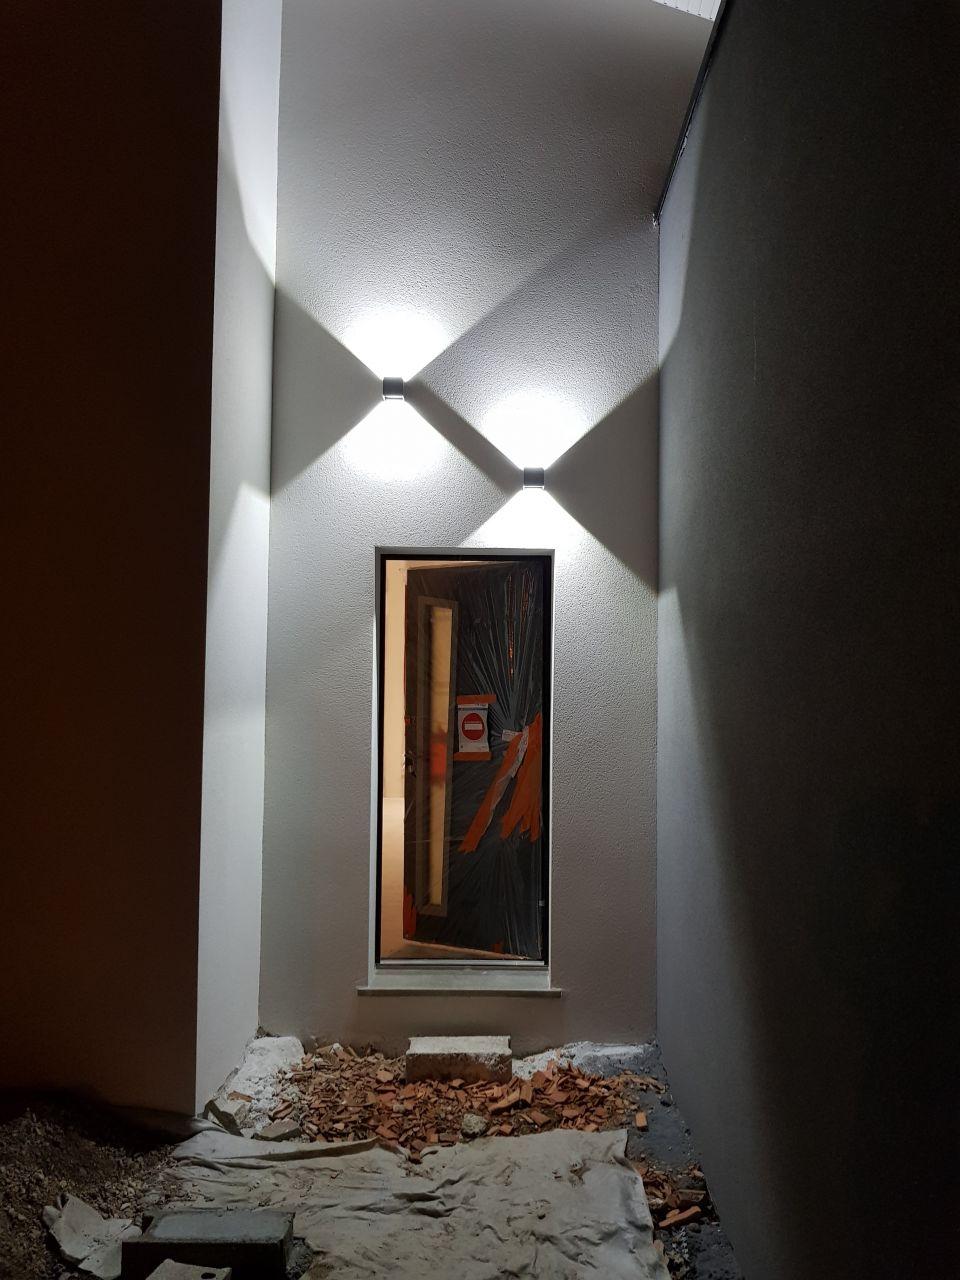 Eclairage led au dessus de la porte d'entrée